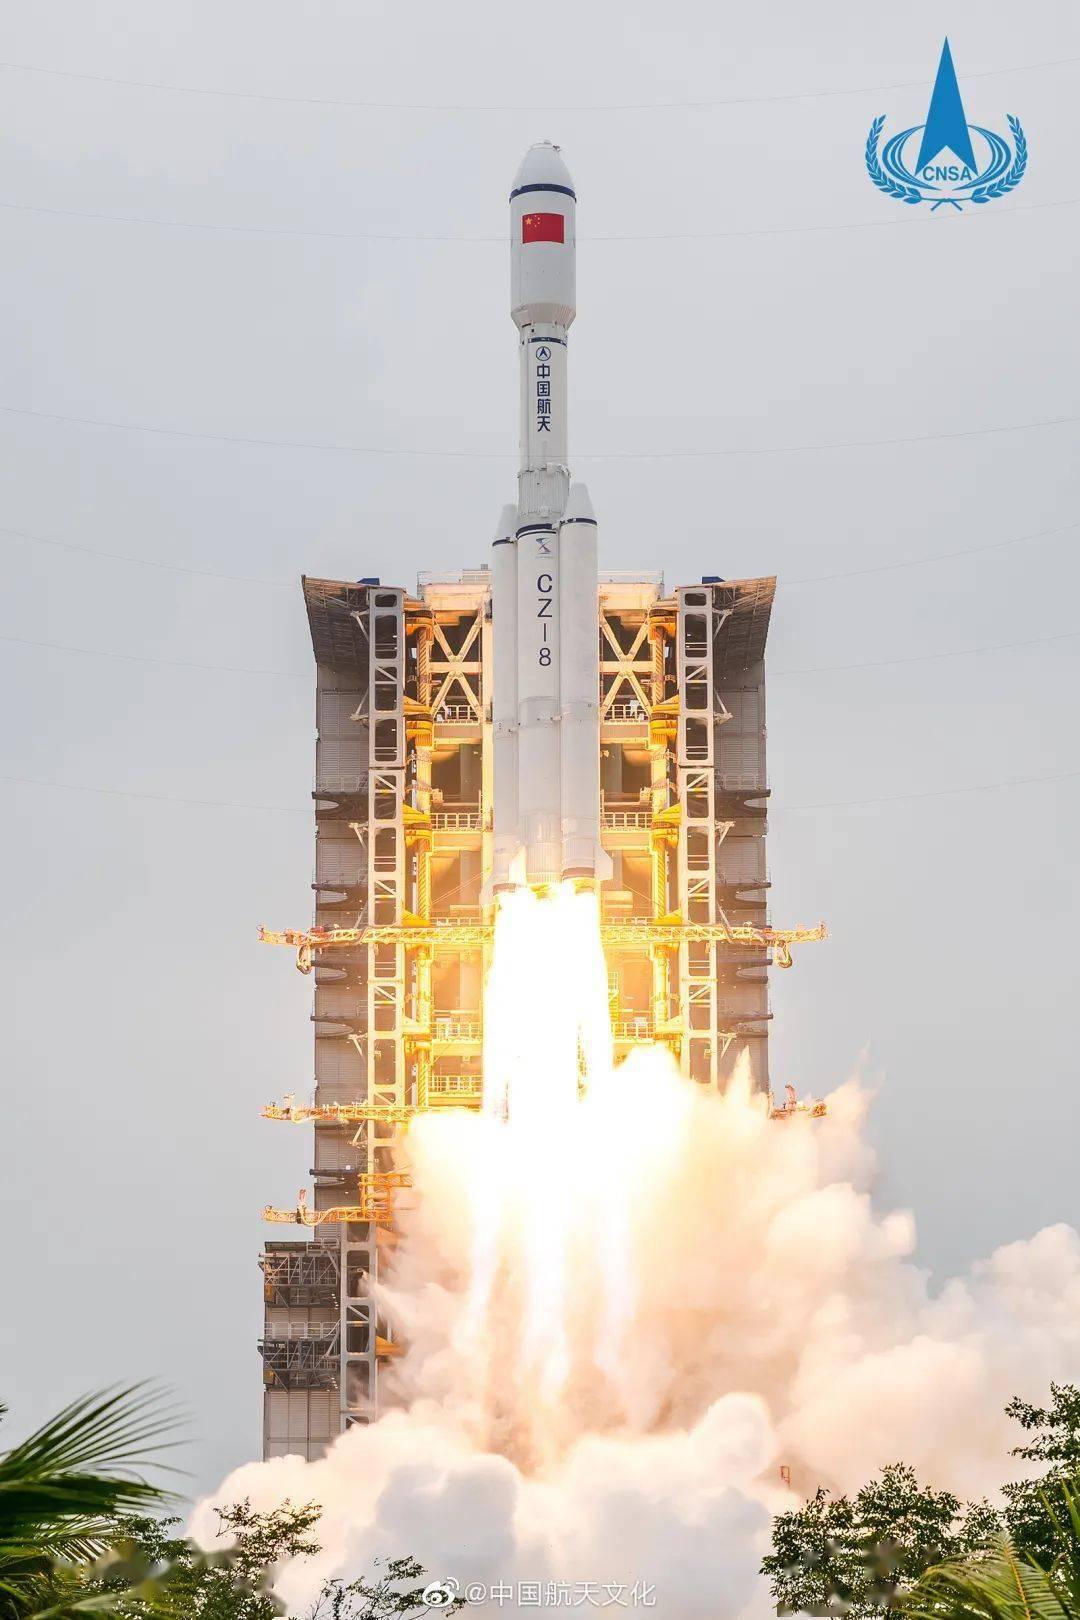 中国运载火箭的原理_中国运载火箭系列